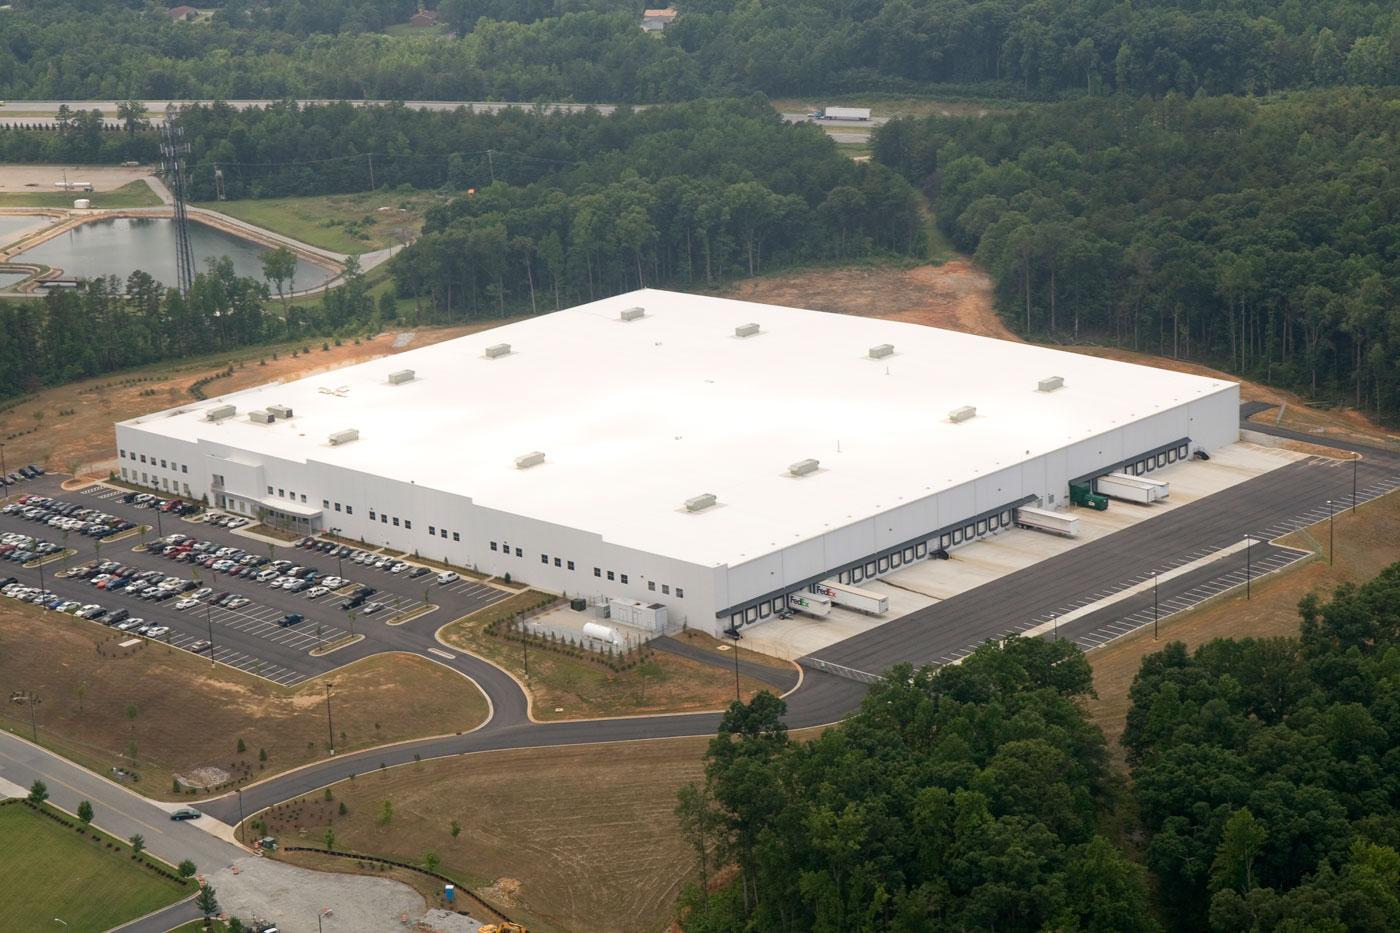 Greensboro Lauren Ralph Nc Engineers Contractorsamp; Prism CoWEQrxBde